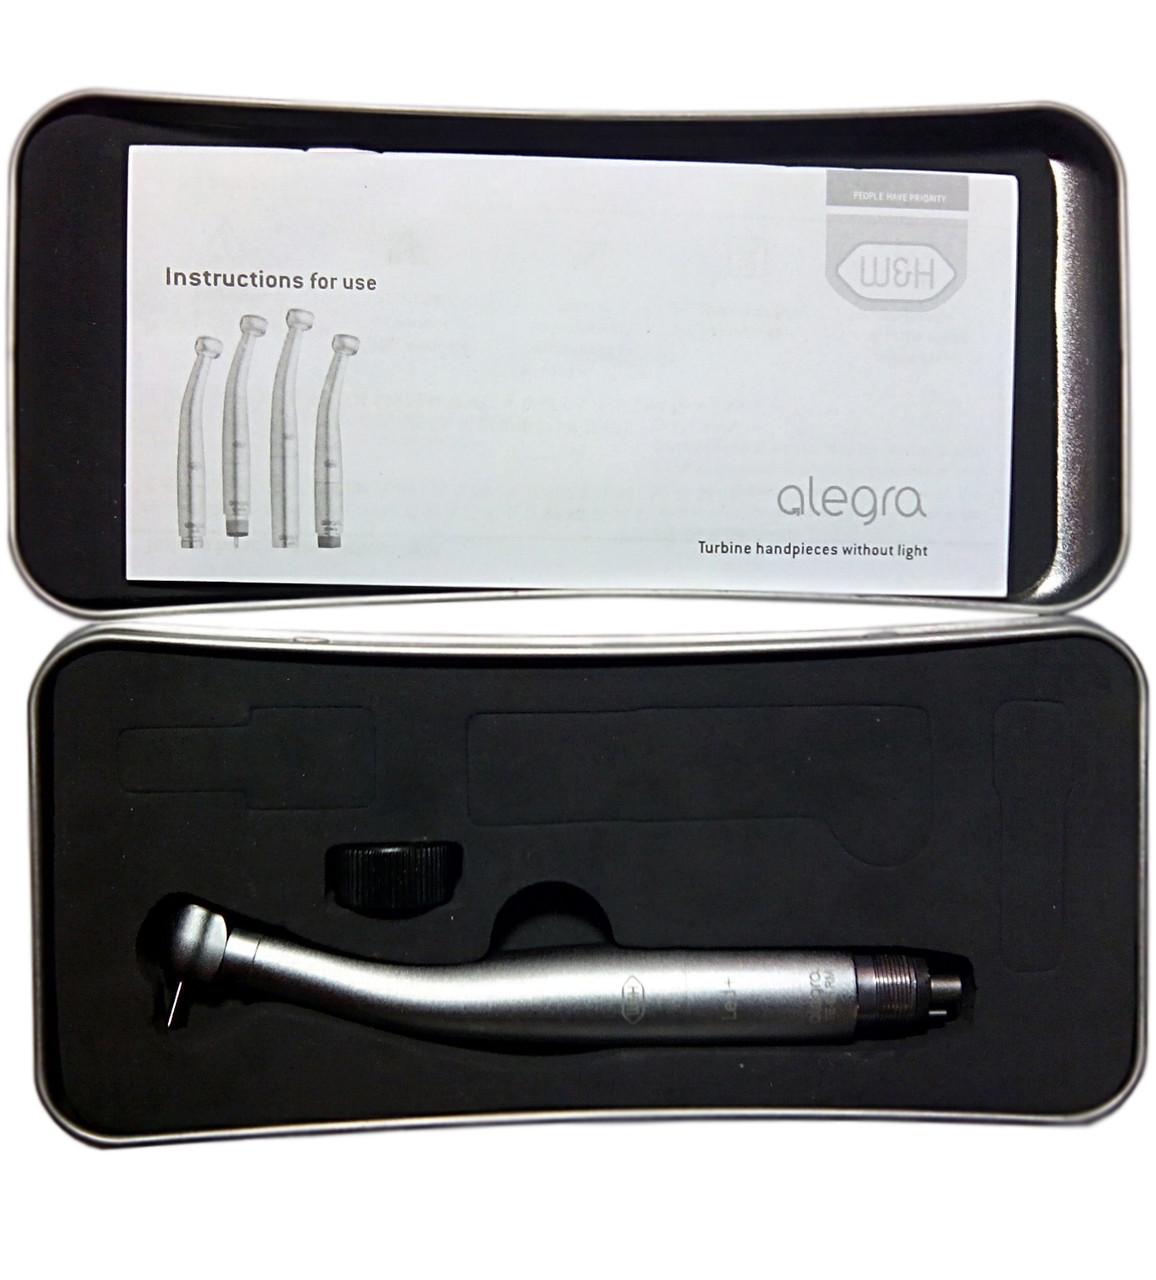 W&H Alegra турбінний наконечник стоматологічний, керамічні підшипники, LED підсвічування.